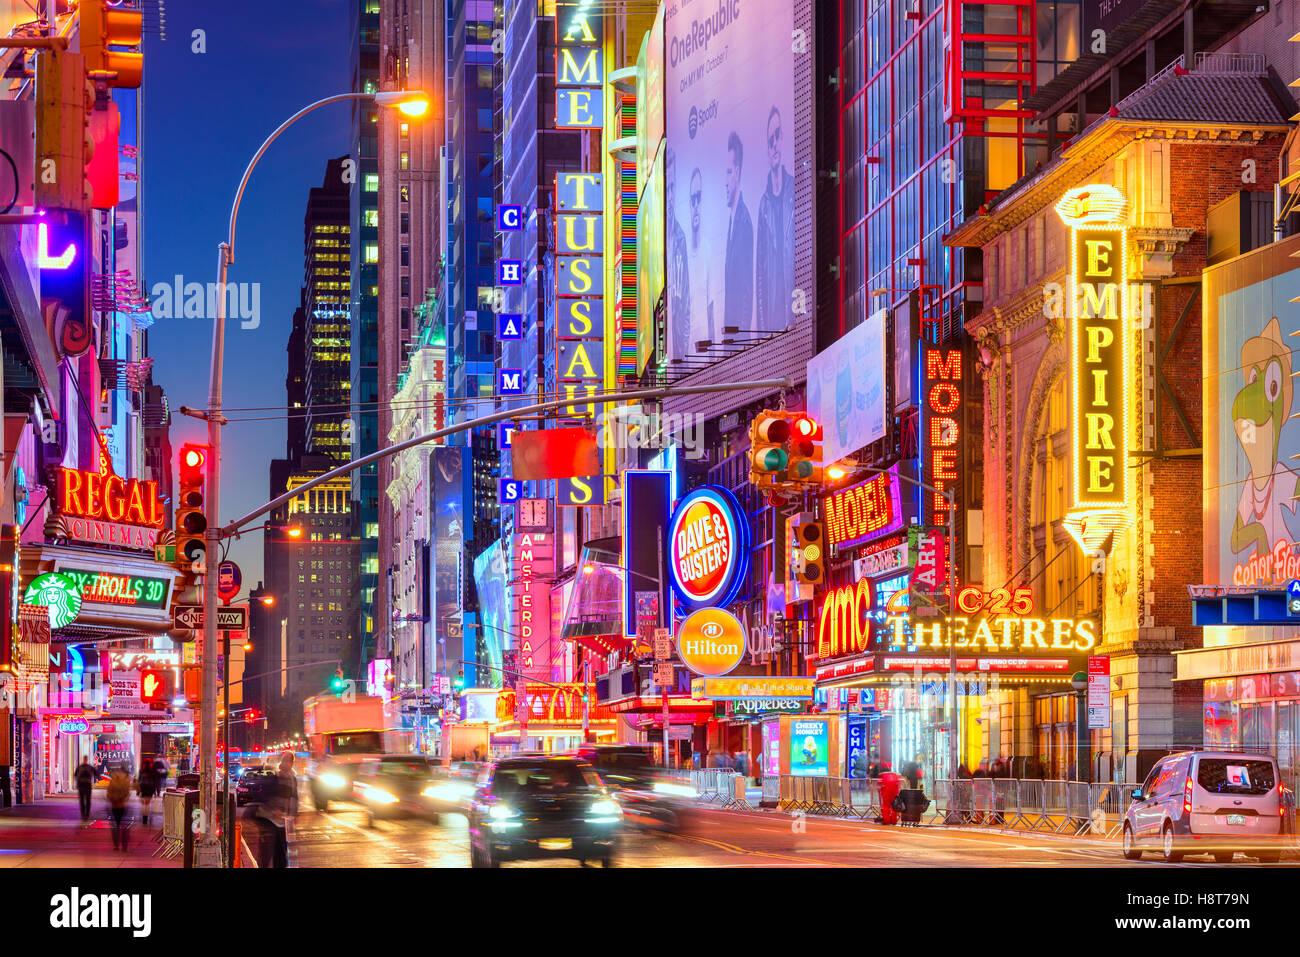 Le trafic se déplace ci-dessous les enseignes lumineuses de la 42e Rue à New York City. Photo Stock